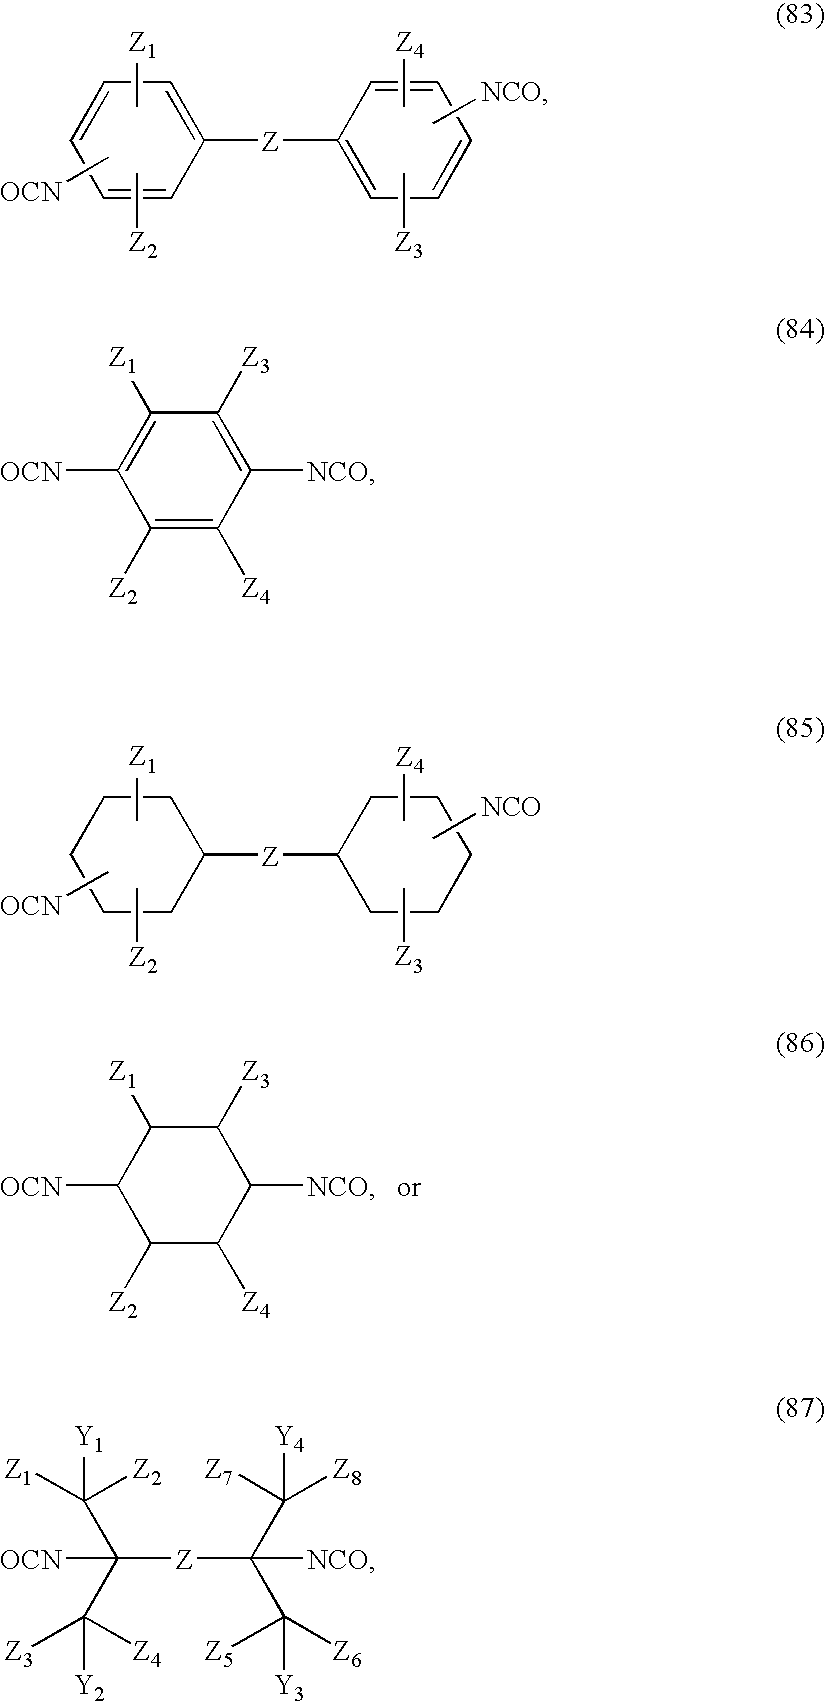 Figure US20080064527A1-20080313-C00050